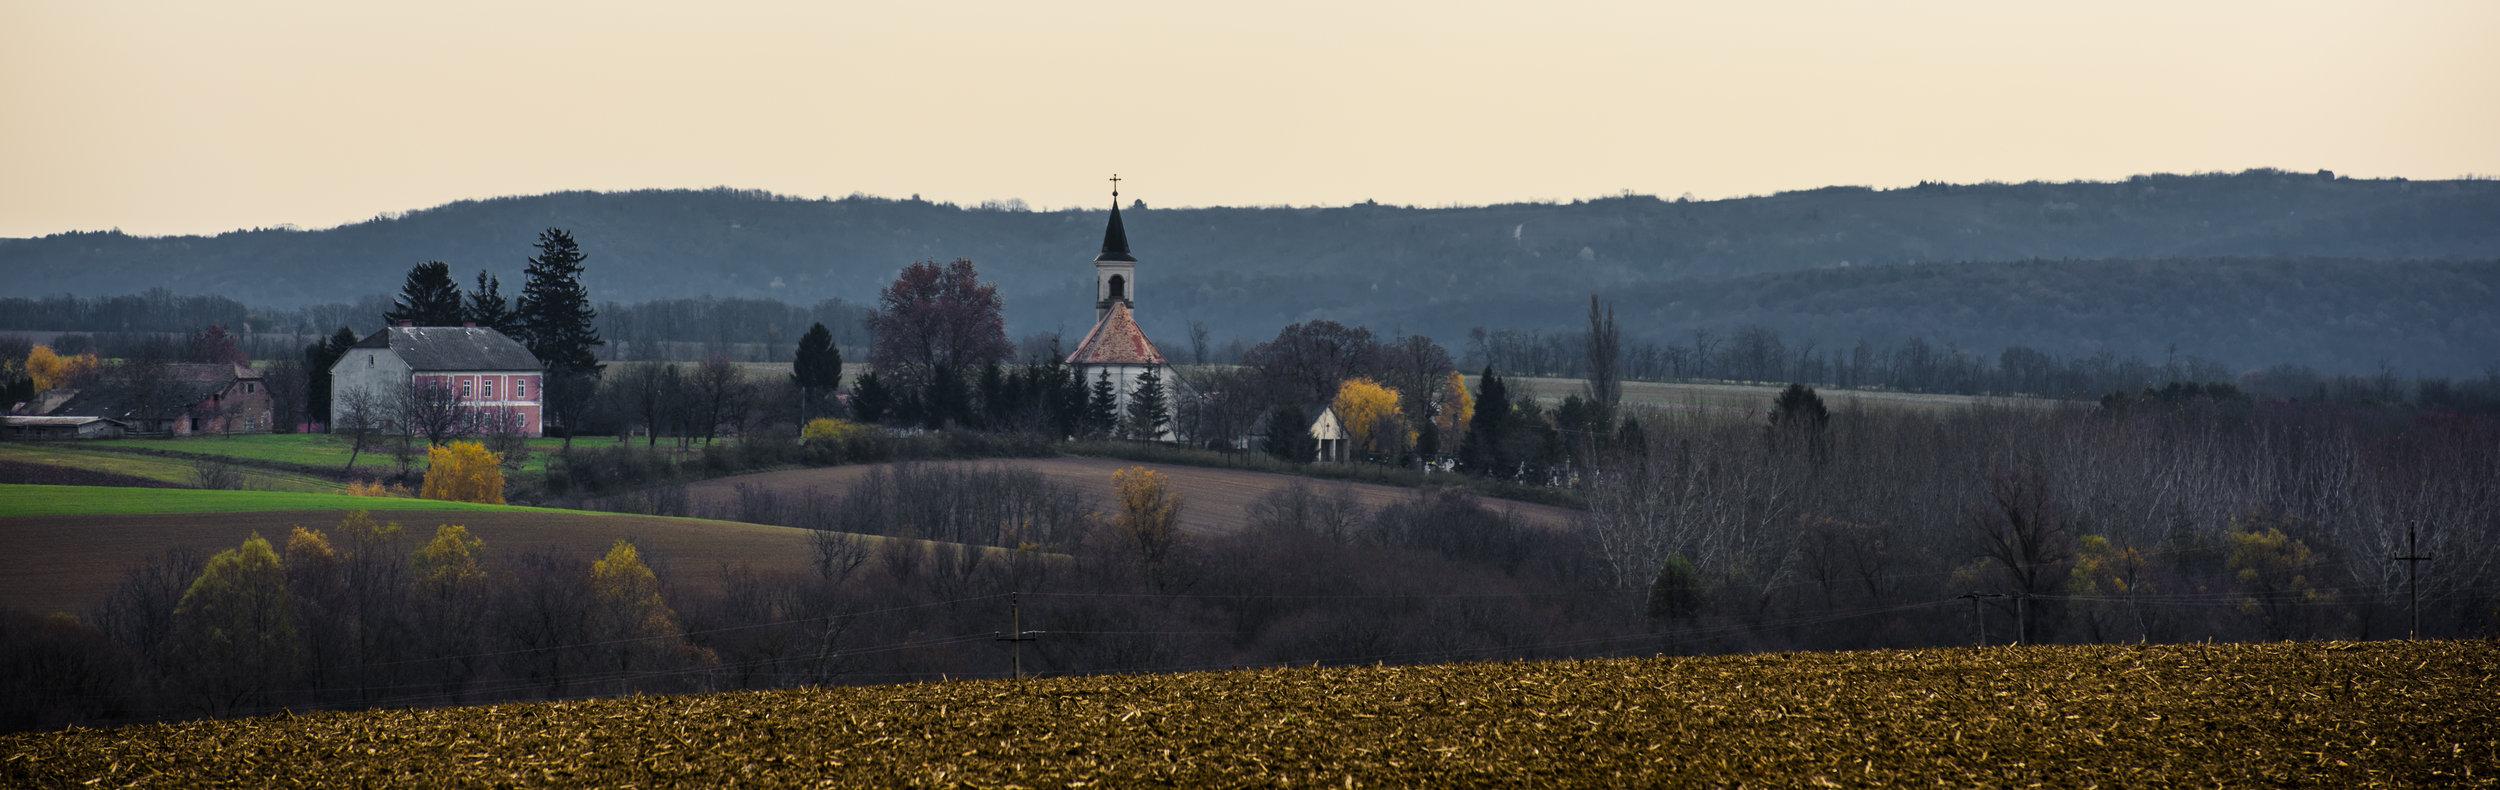 Hungary Pano.jpg